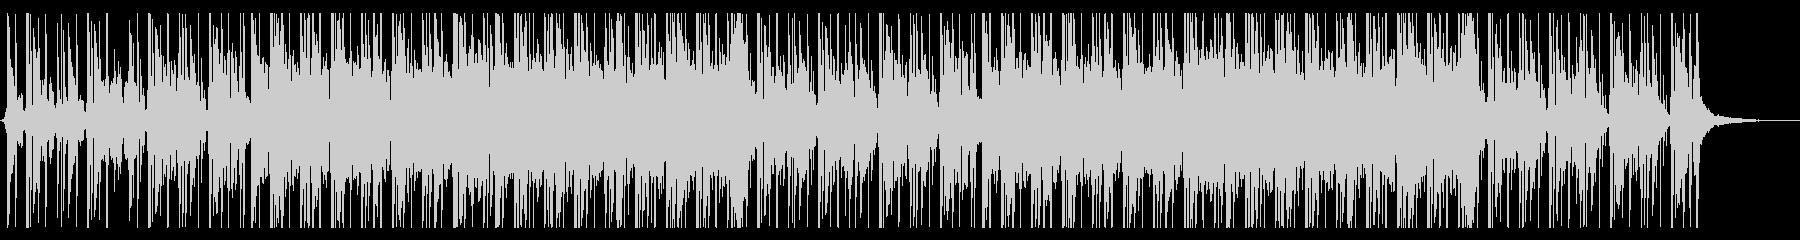 切なさのあるヒップホップなリズムのEDMの未再生の波形